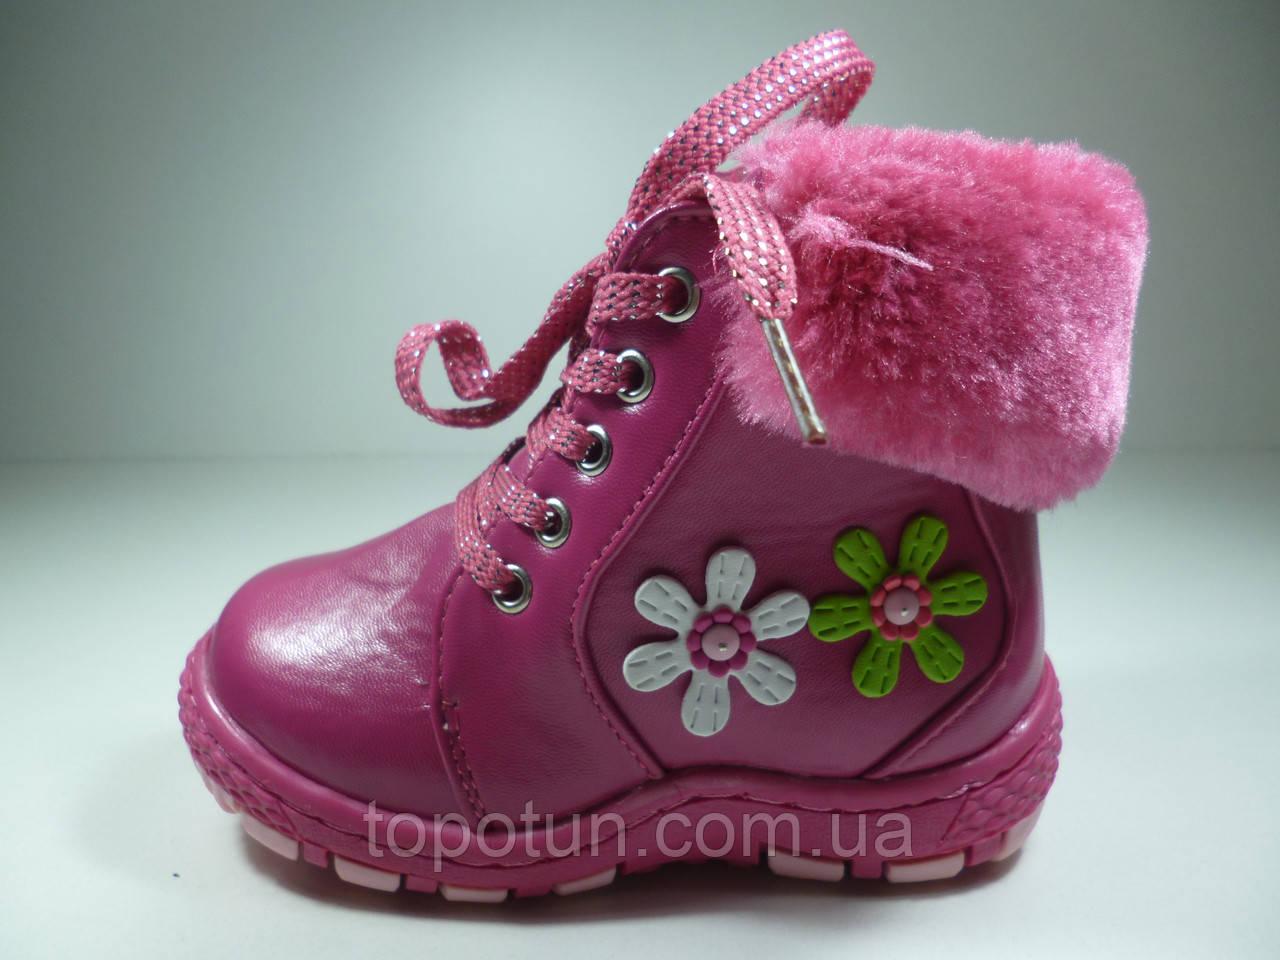 """Зимние ботинки для девочки """"СВТ.Т"""" Размер: 26,27"""